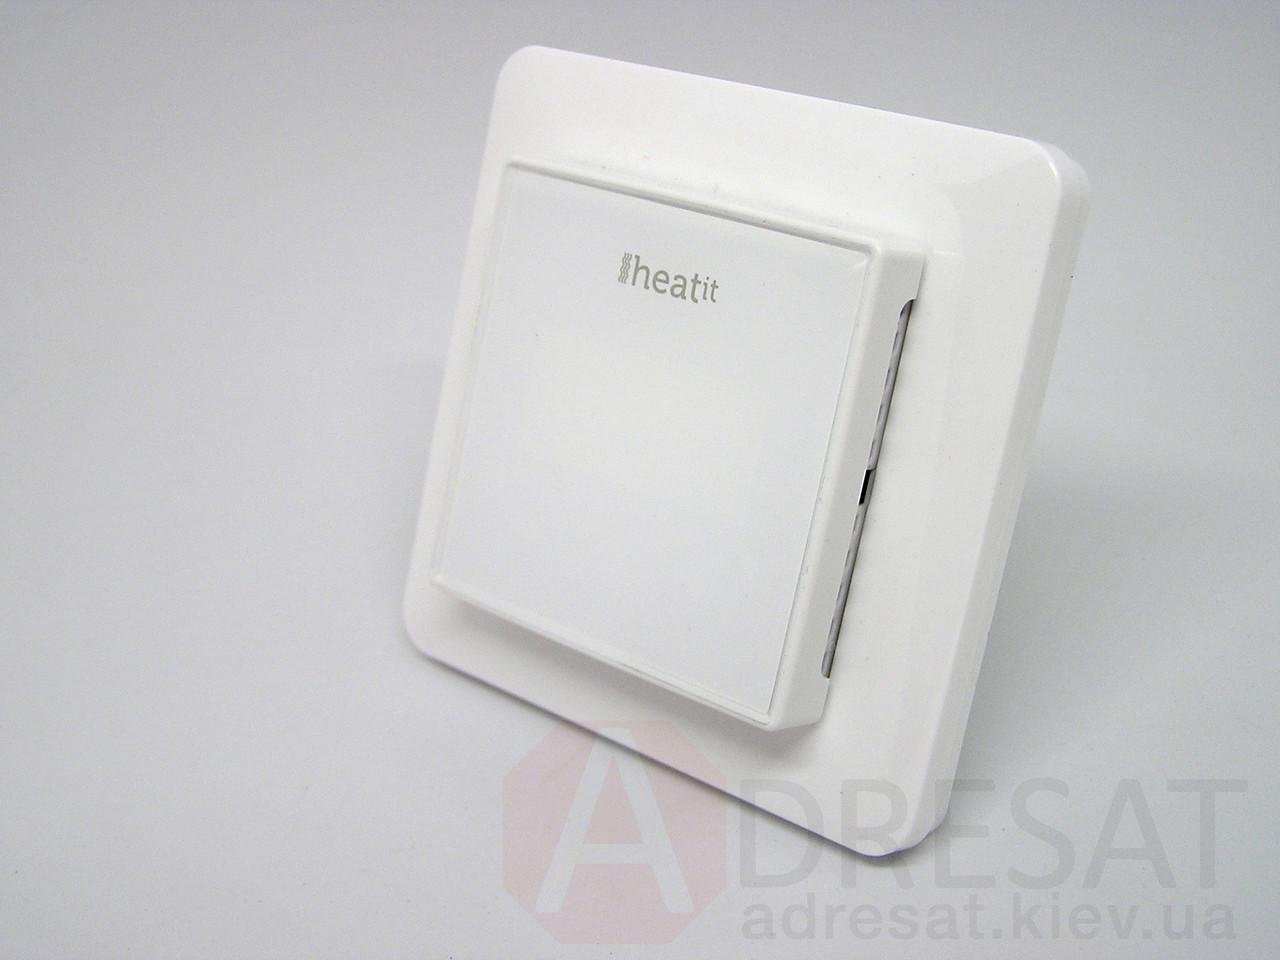 HEAE5430499, Z-wave термостат Heatit, настінний, білий